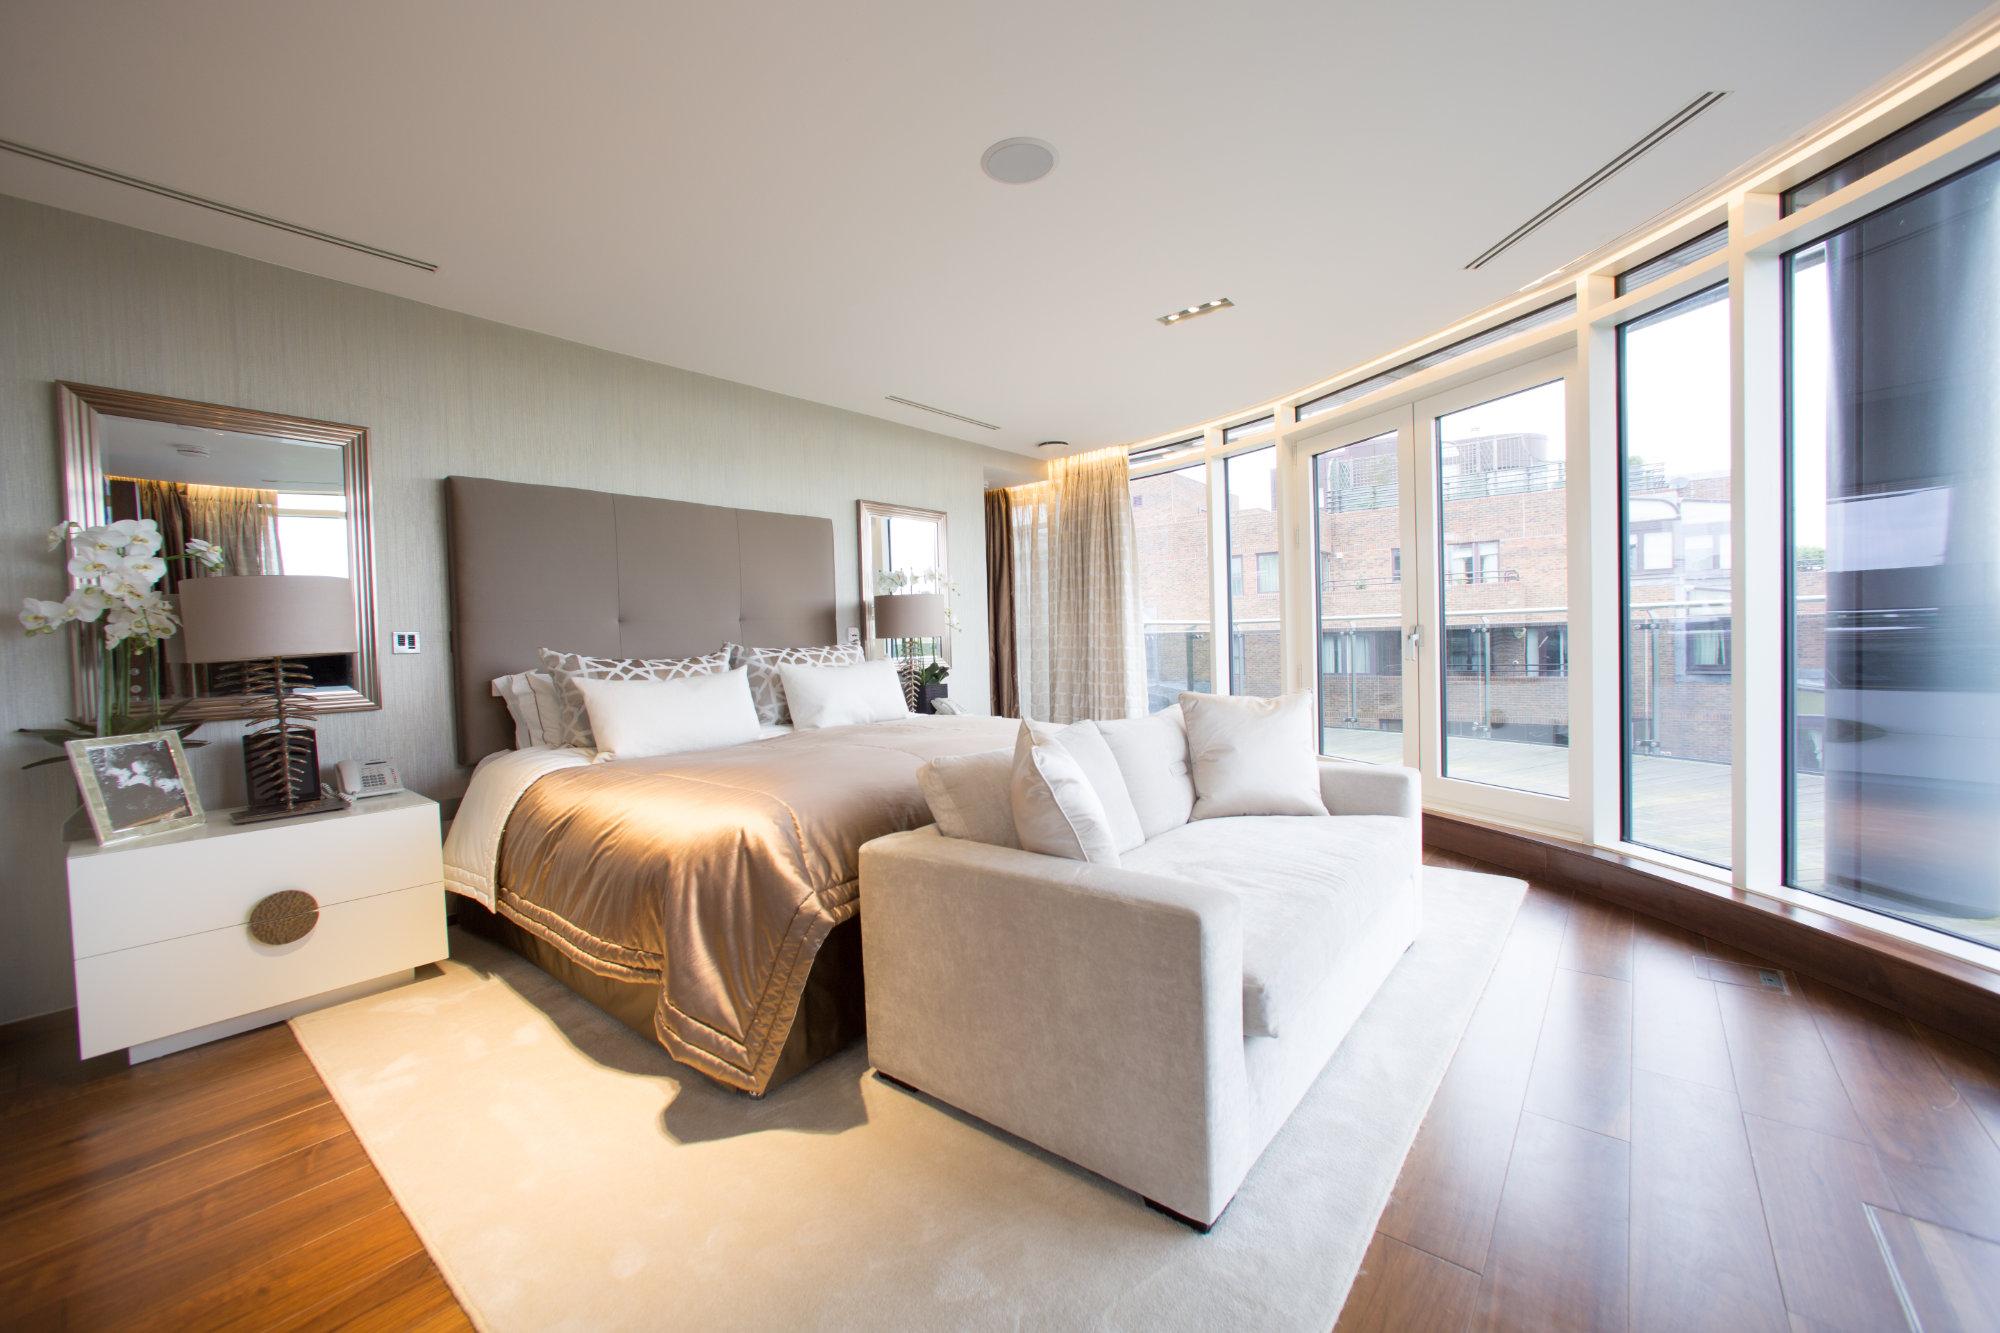 Penthouse, The Atrium Apartments, London - Advanced ...